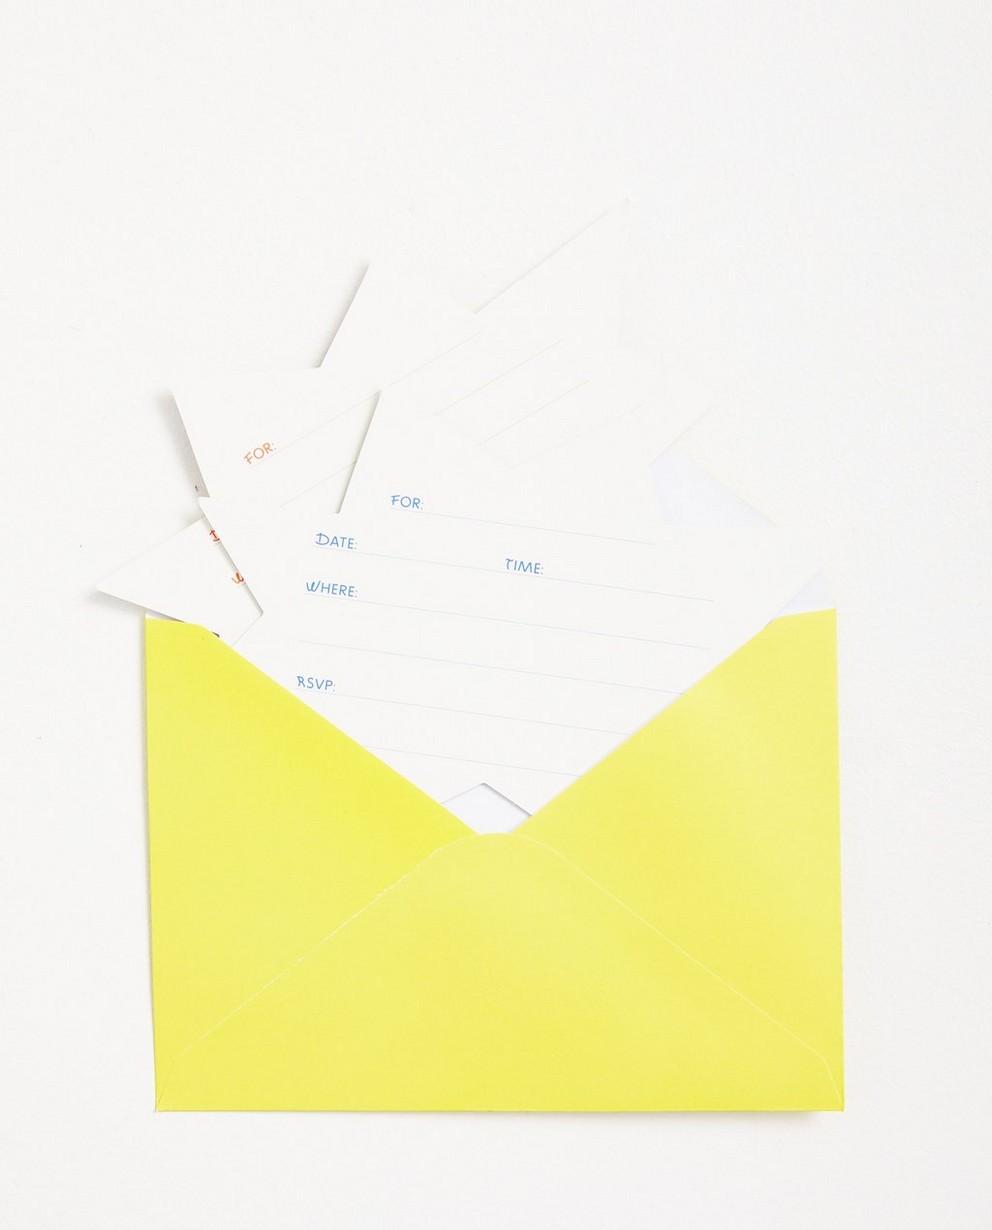 Gadgets - assortment - Invitations